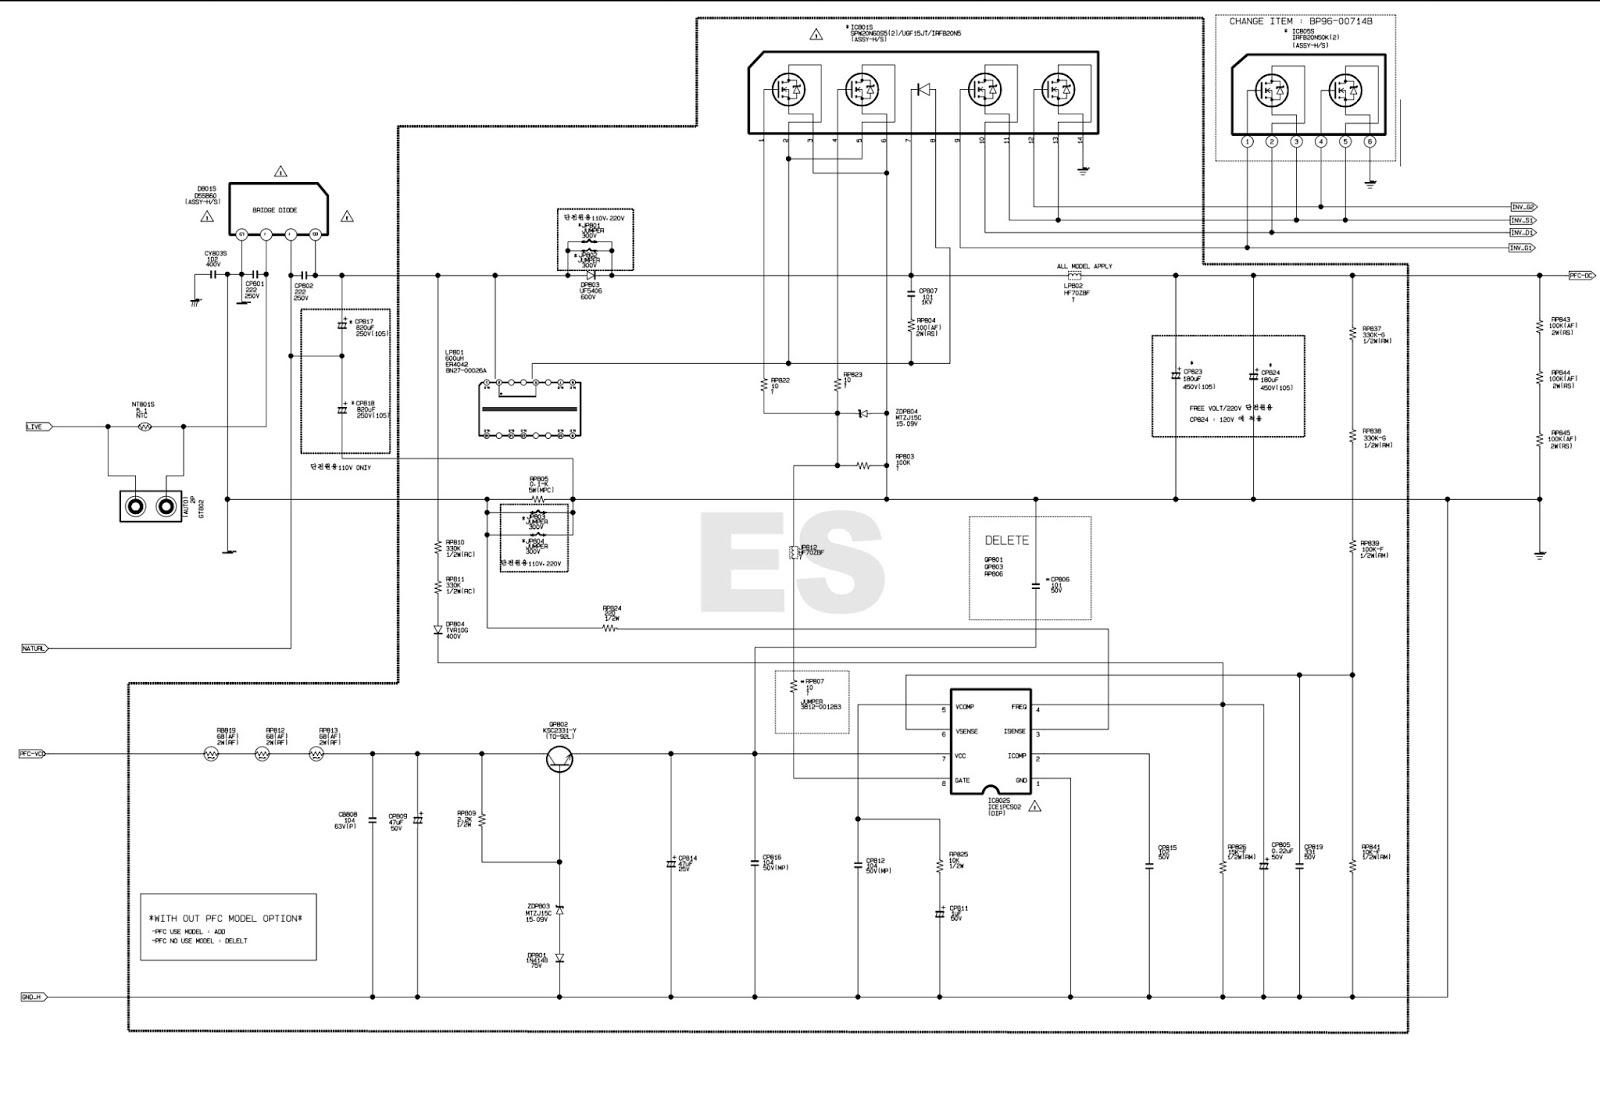 Bose Service Schematics Firmware Download Samsung Bn44 00622b Power Supply Board